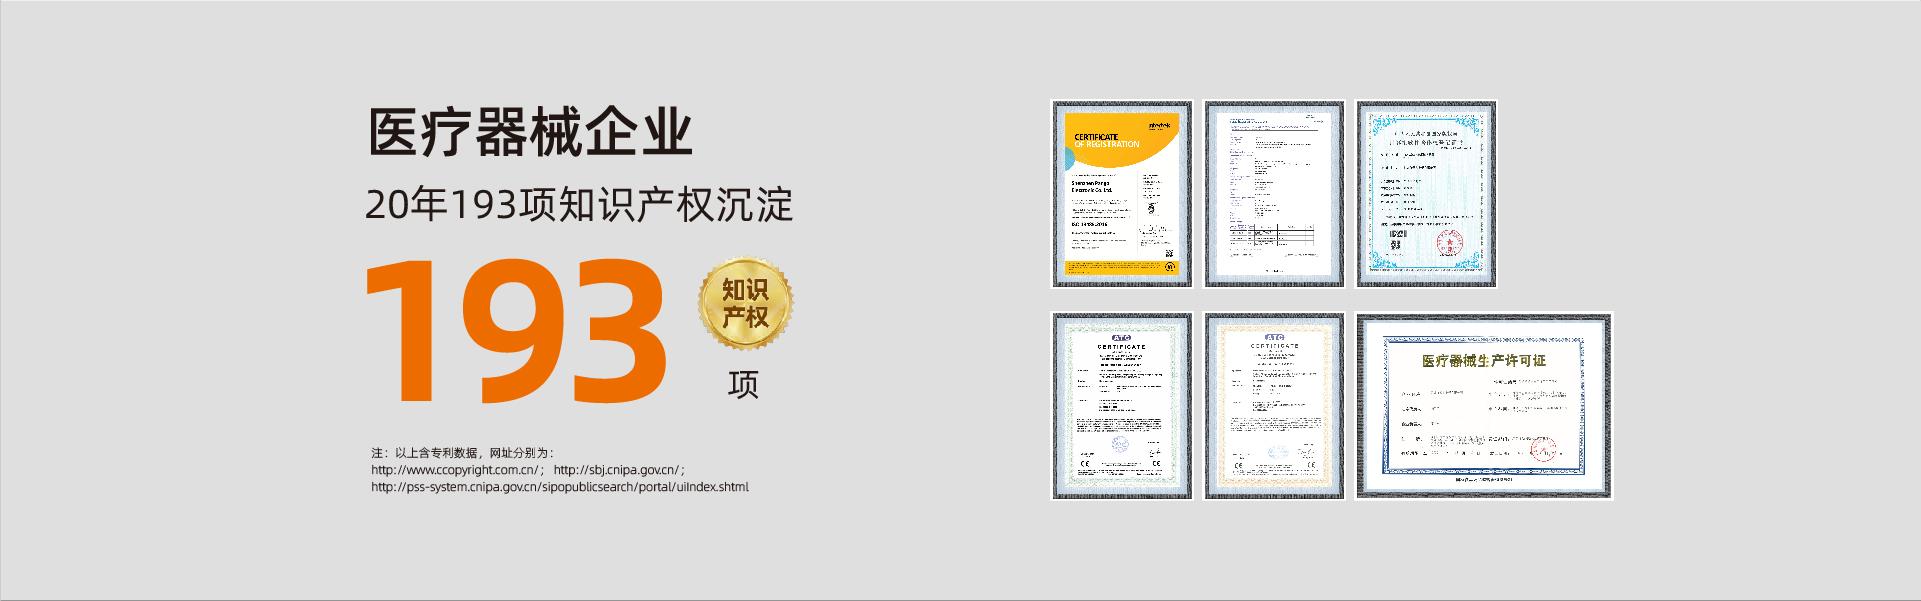 20200526攀高官網首頁-07